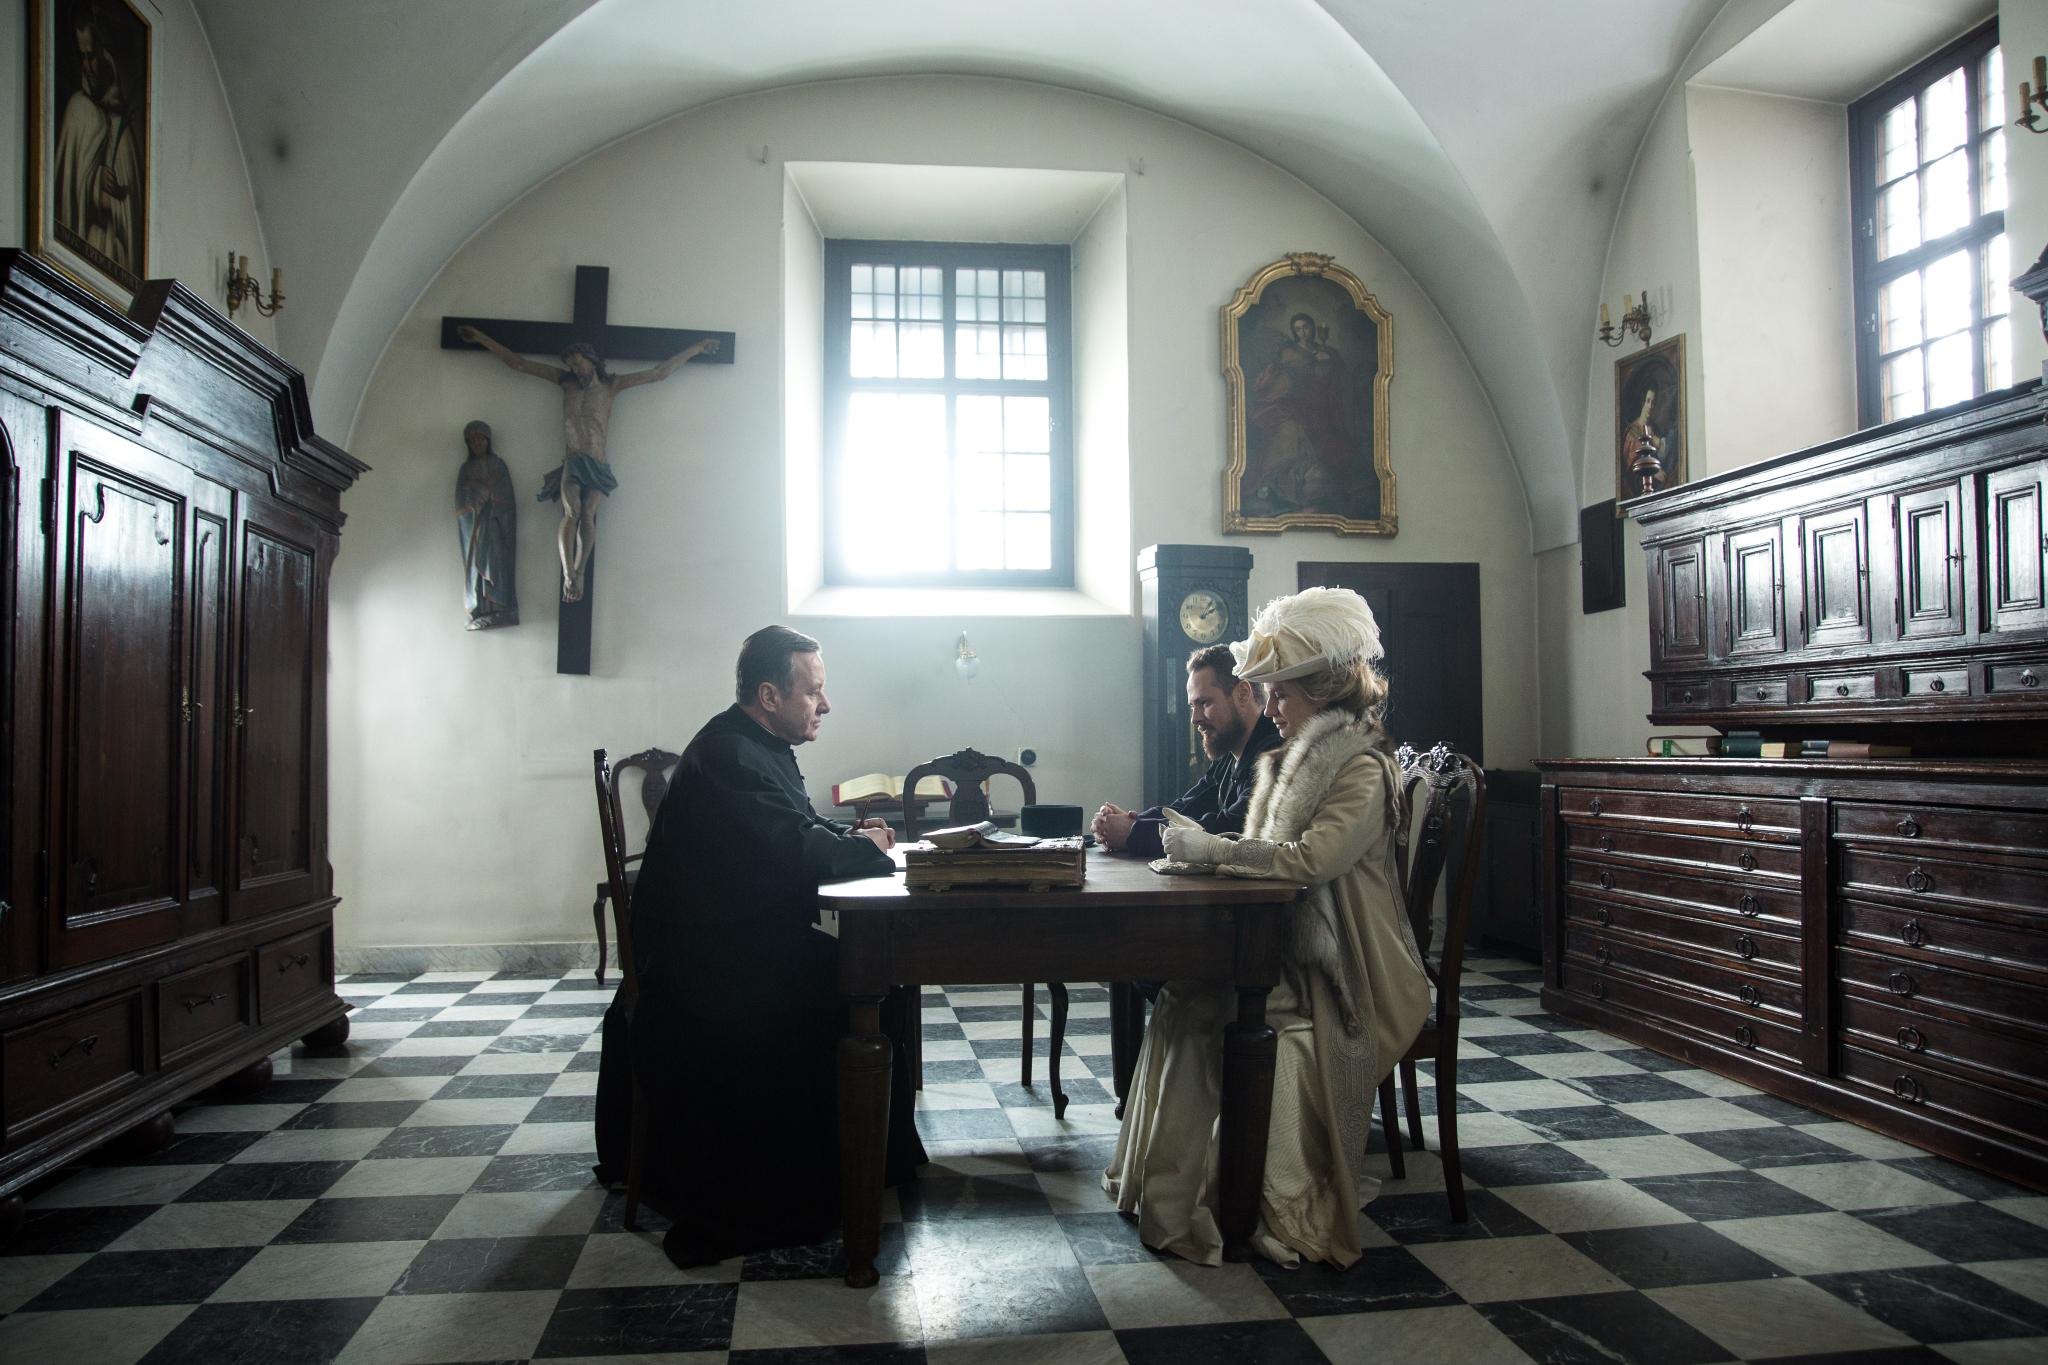 Paweł Małaszyński - Jan, Magdalena Cielecka - Konstancja, Dariusz Kwaśnik - Ksiądz Adam